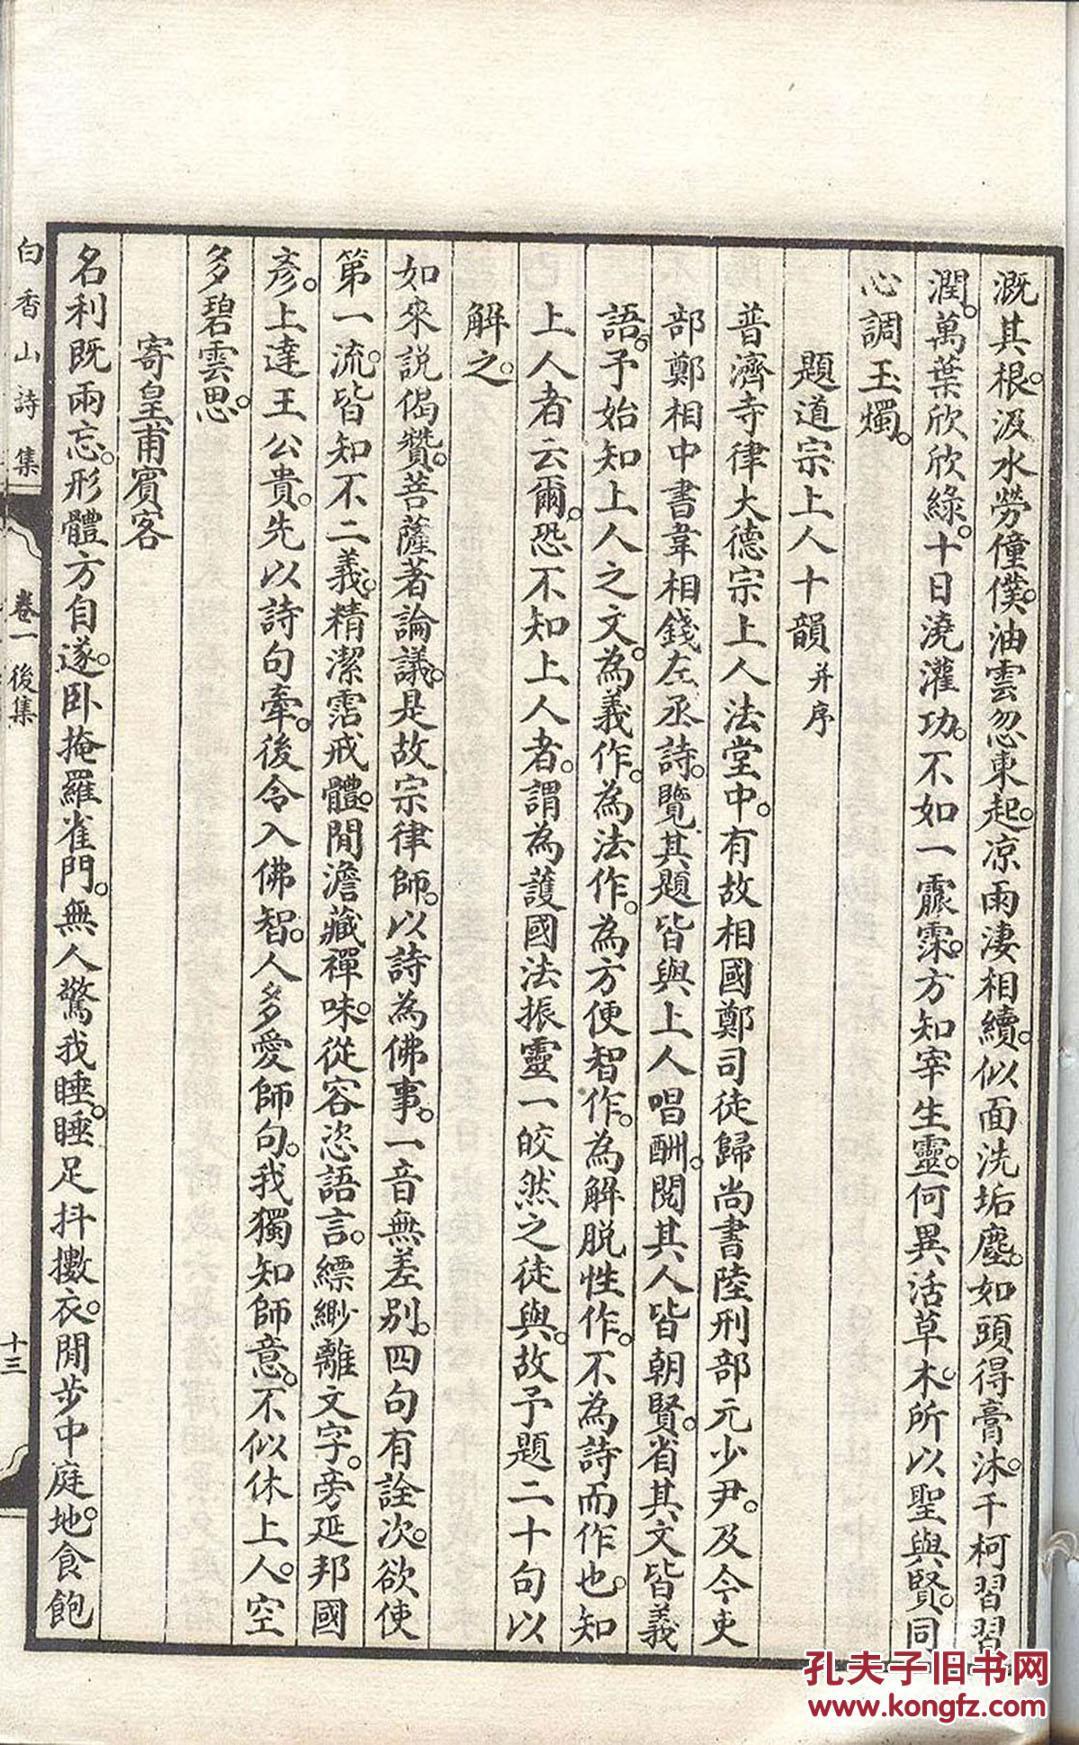 《断句校正-白香山诗集》线装六册全 布面函装